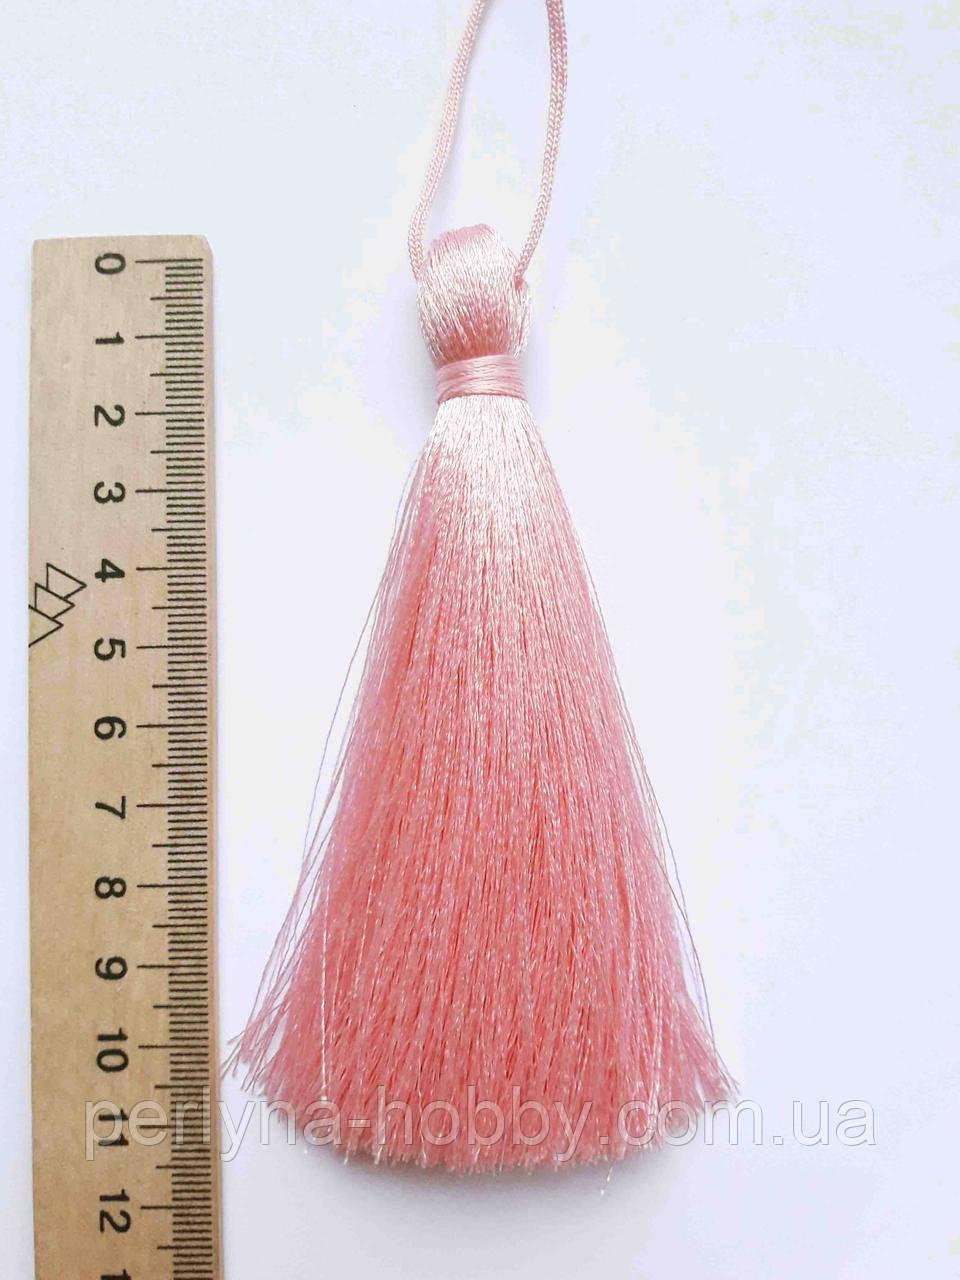 Китиця текстильна декоративна шовкова велика 10-11 см, рожева, 0184, 1 шт.